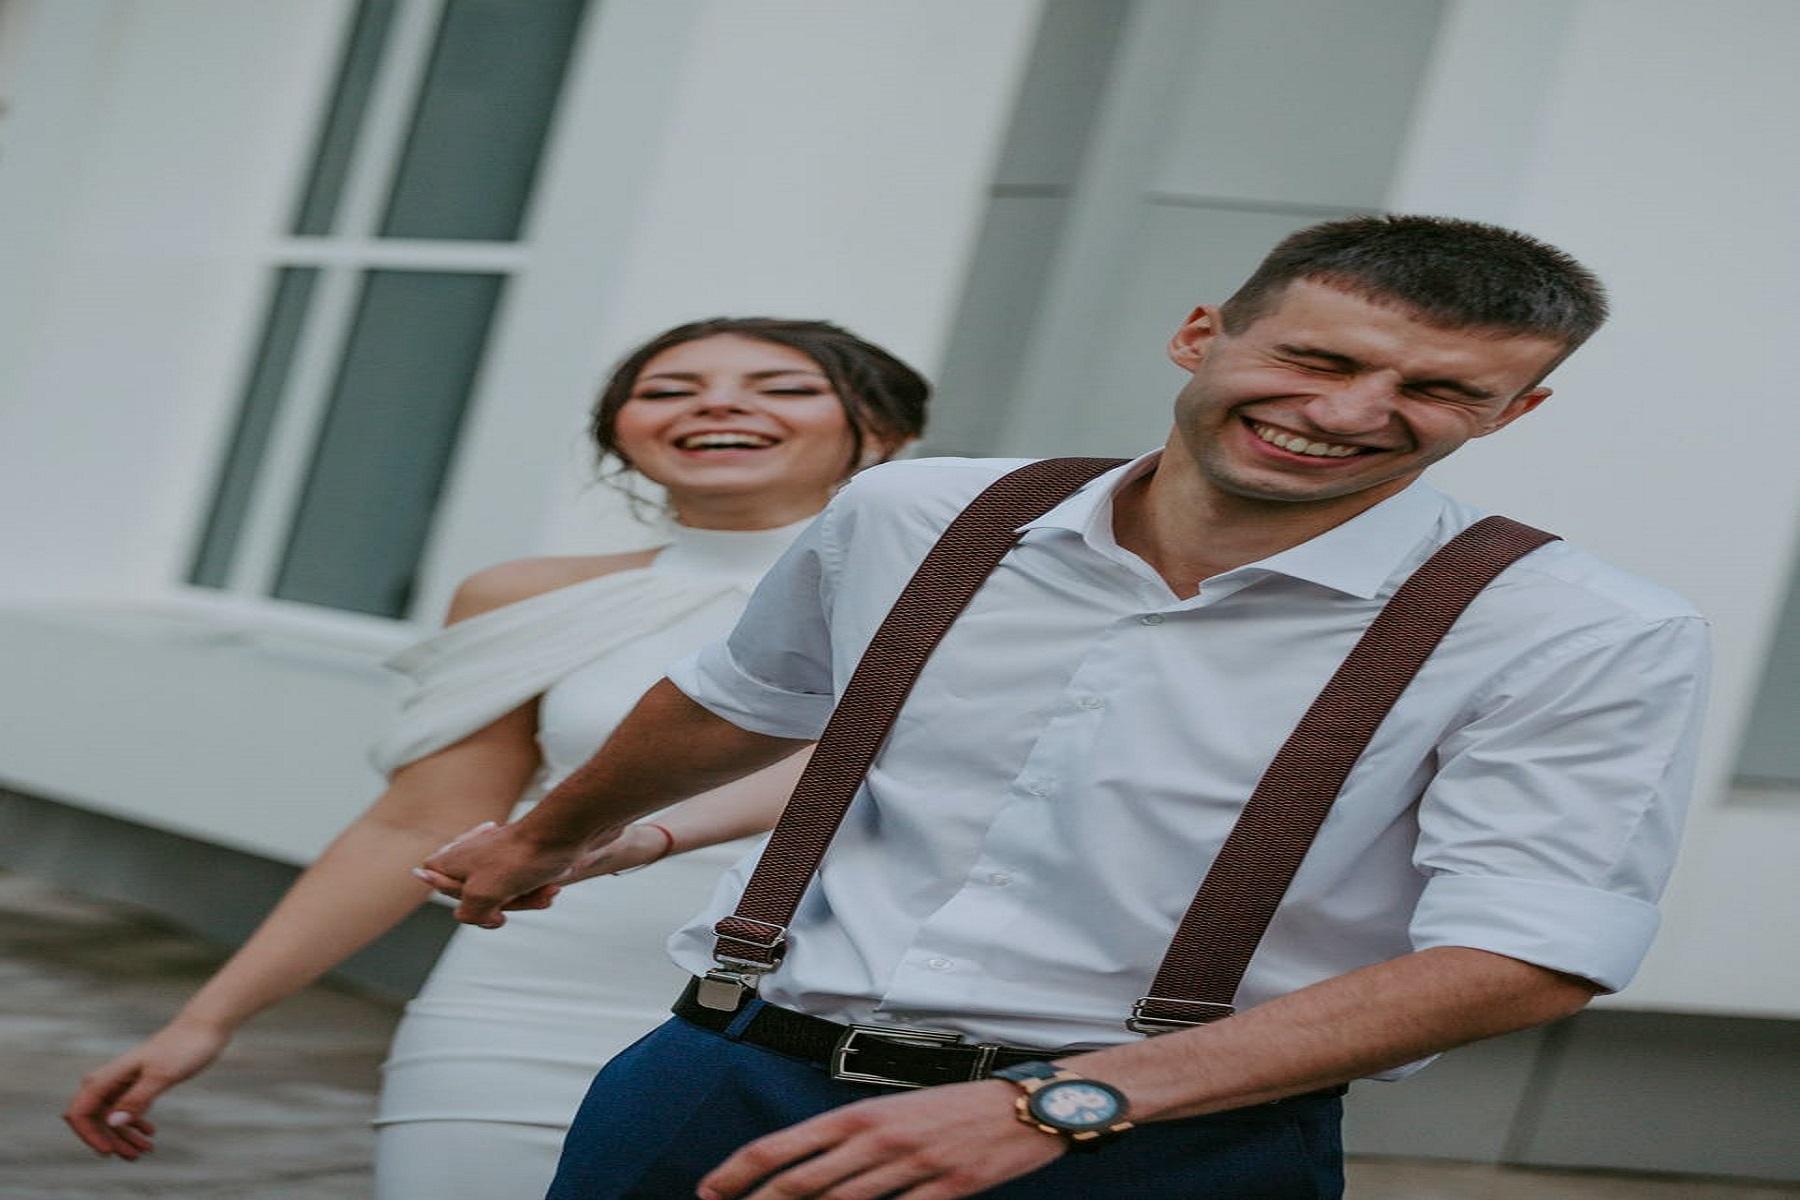 Σχέση Υγεία: Η ερωτική σχέση υψηλής ποιότητας συσχετίζεται με μεγαλύτερη ψυχική ευεξία